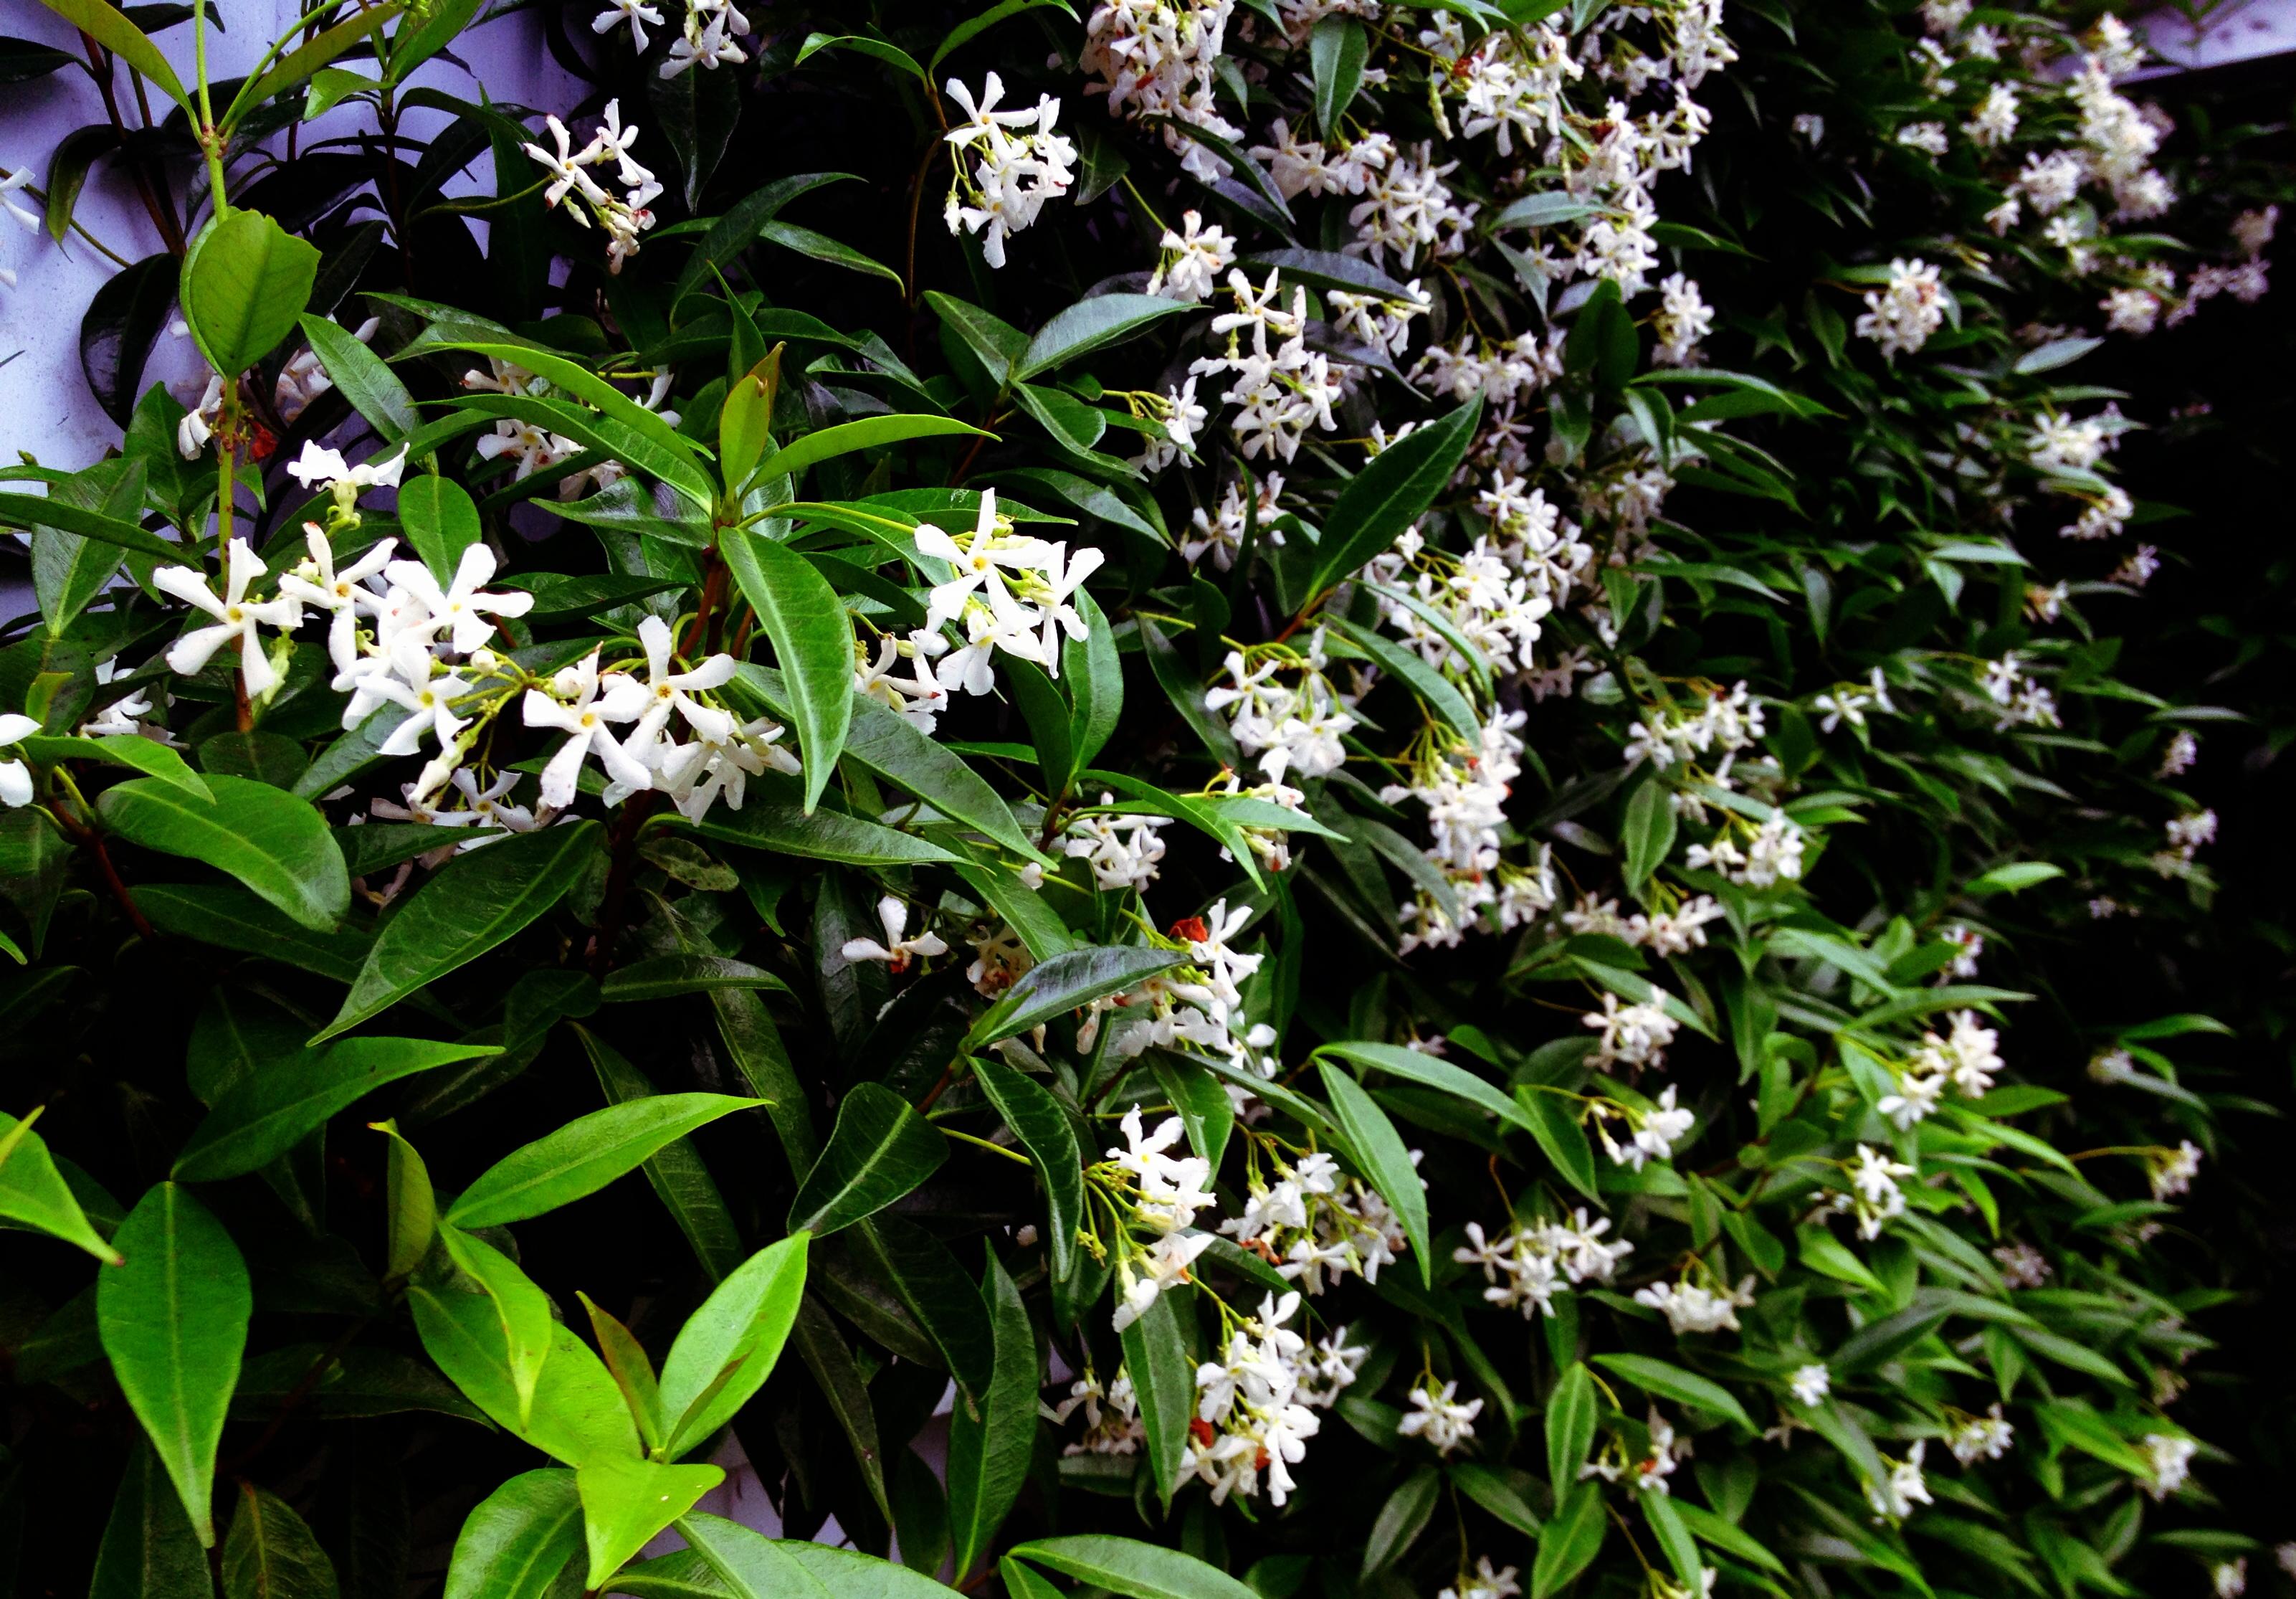 Chinese Star Jasmine flowers